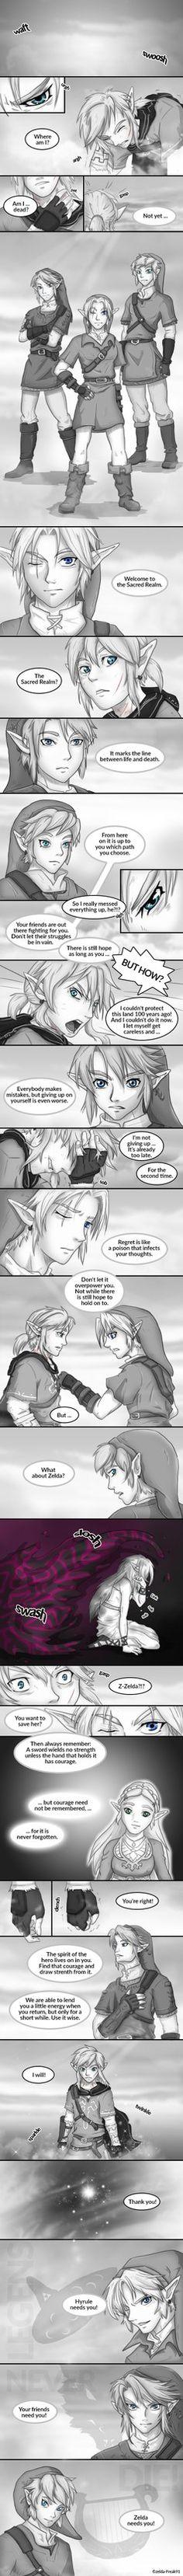 Legenda komiksów porno Zelda